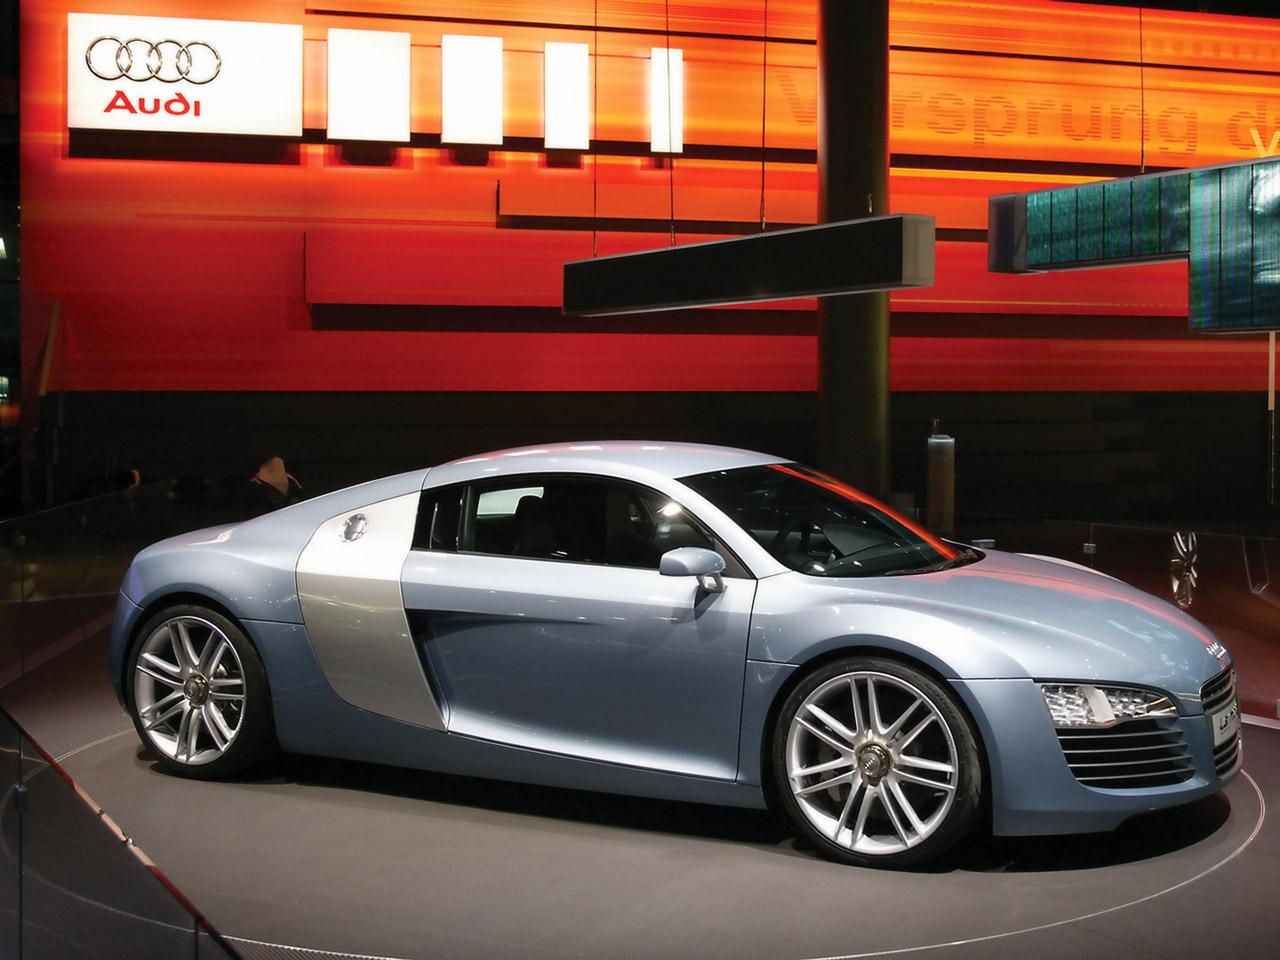 Audi LeMans Quattro Concept   Side Angle   Show   1280x960 Wallpaper 1280x960